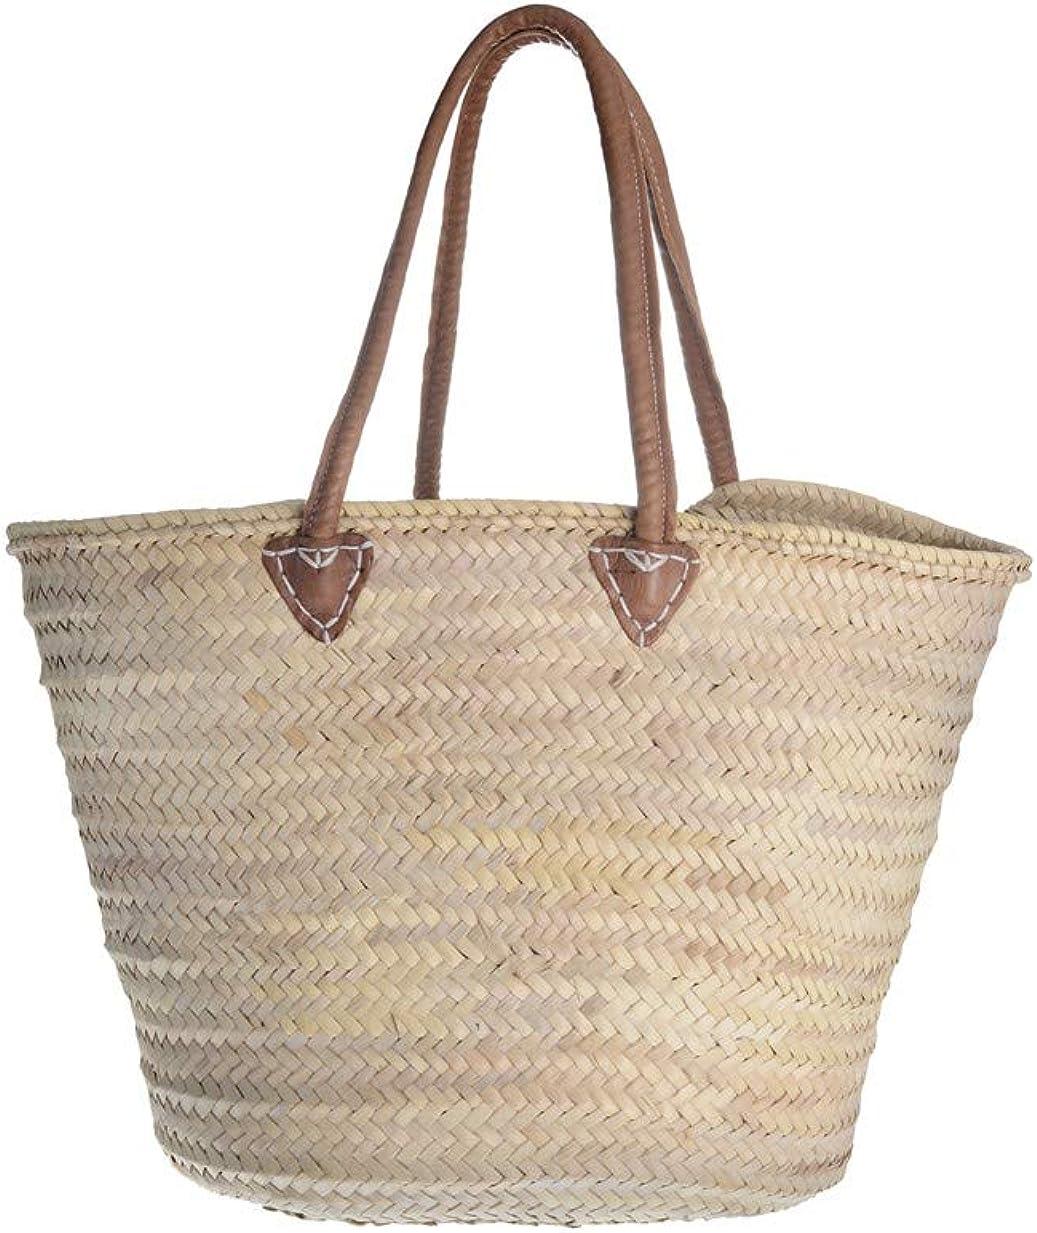 Afrikan Bags - Bolso Capazo de Palma | Bolso de Palma de Base Oval con Asa de Cuero Redonda en Cuero Marrón